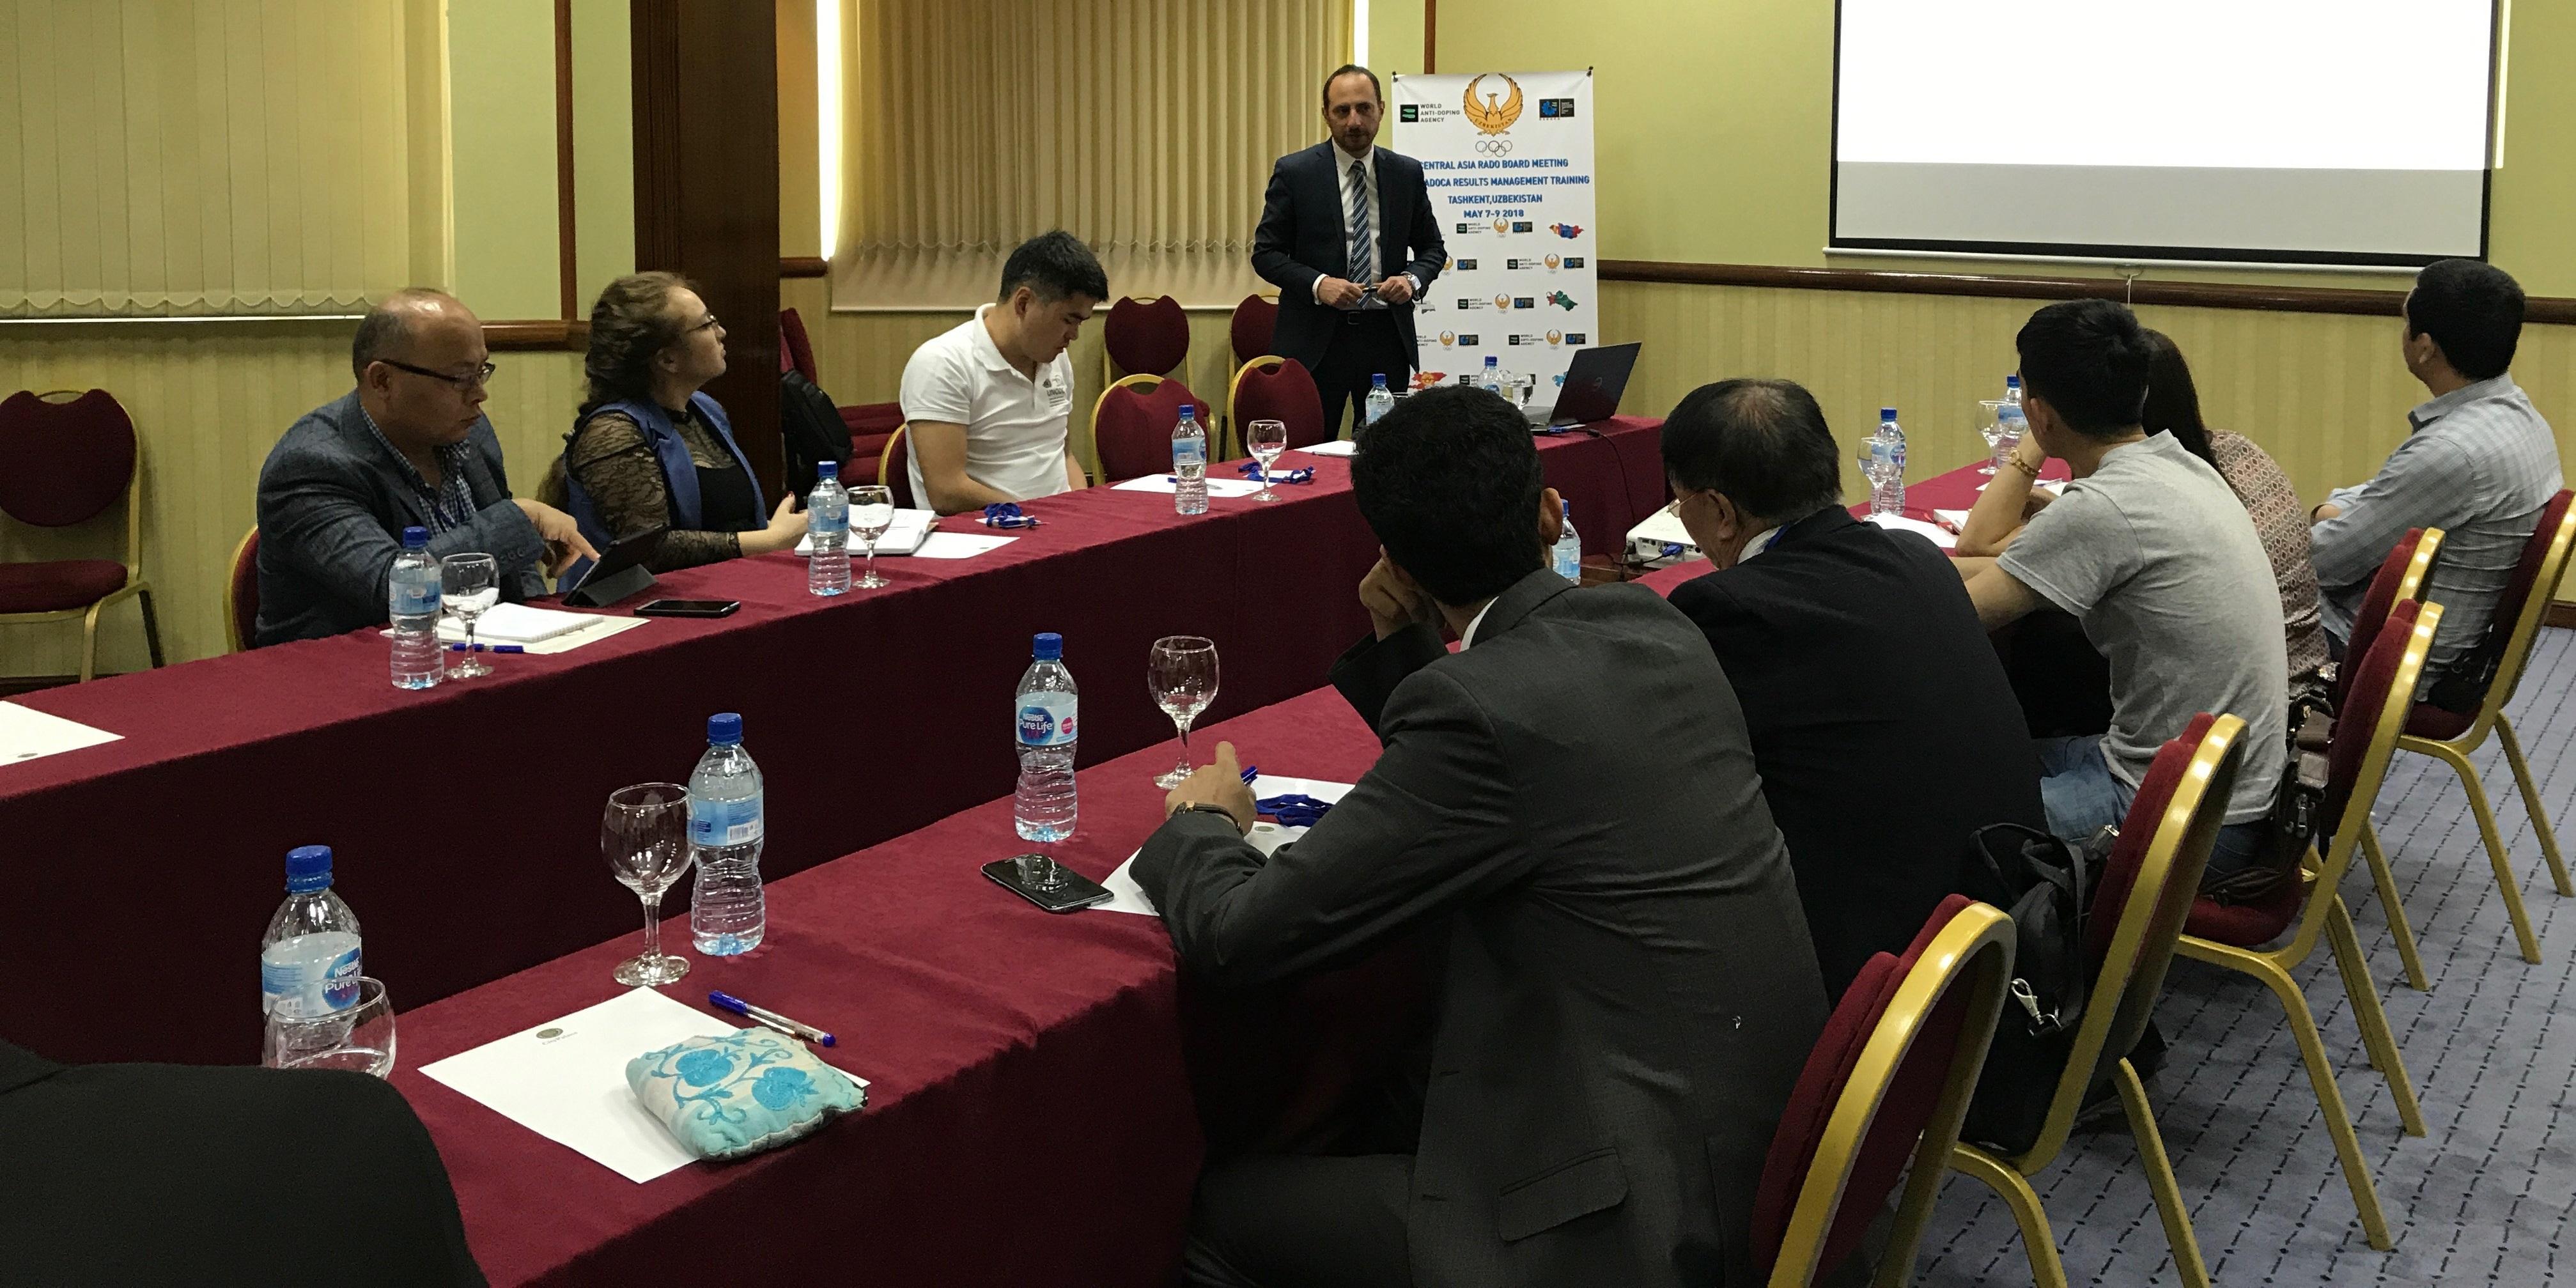 Szkolenie WADA i POLADA dotyczące zarządzania wynikami dla Central Asia RADO